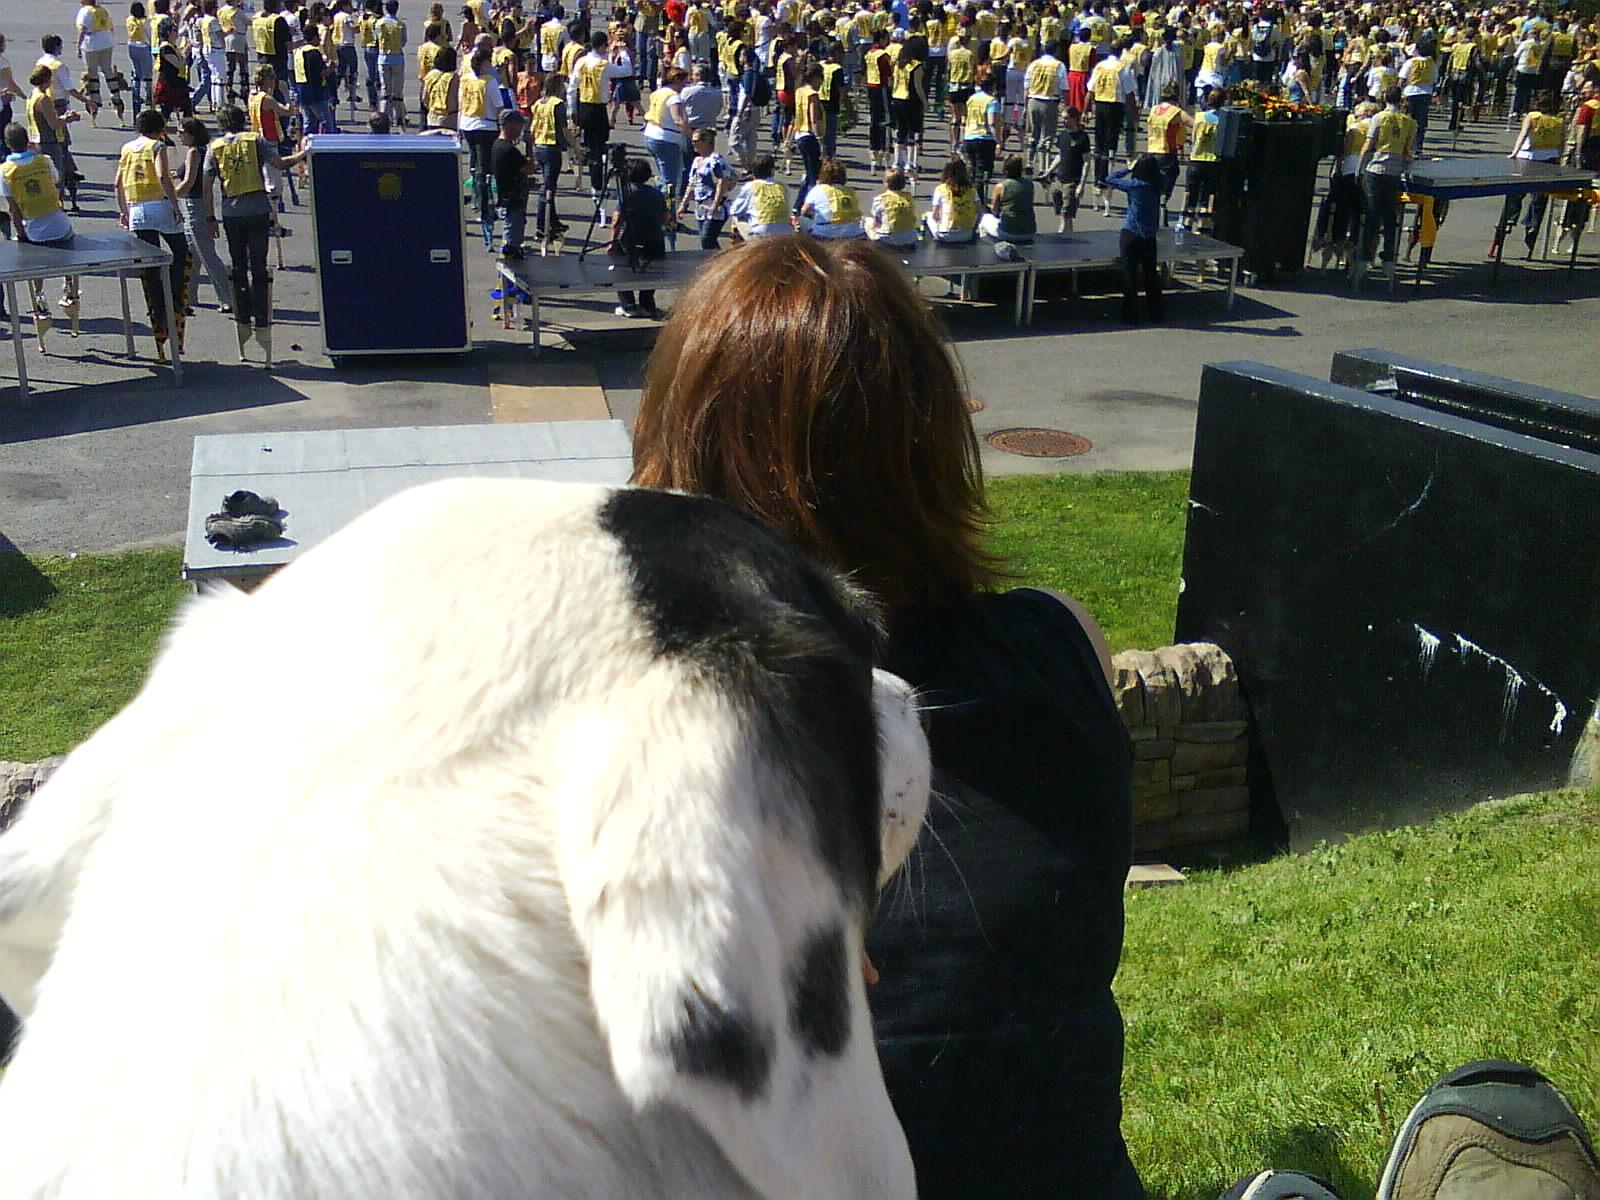 Saku, le seul chien AU MONDE qui a assisté au record Guiness des échasses au siège social international du Cirque du Soleil, 16 juin 2009, Montréal.